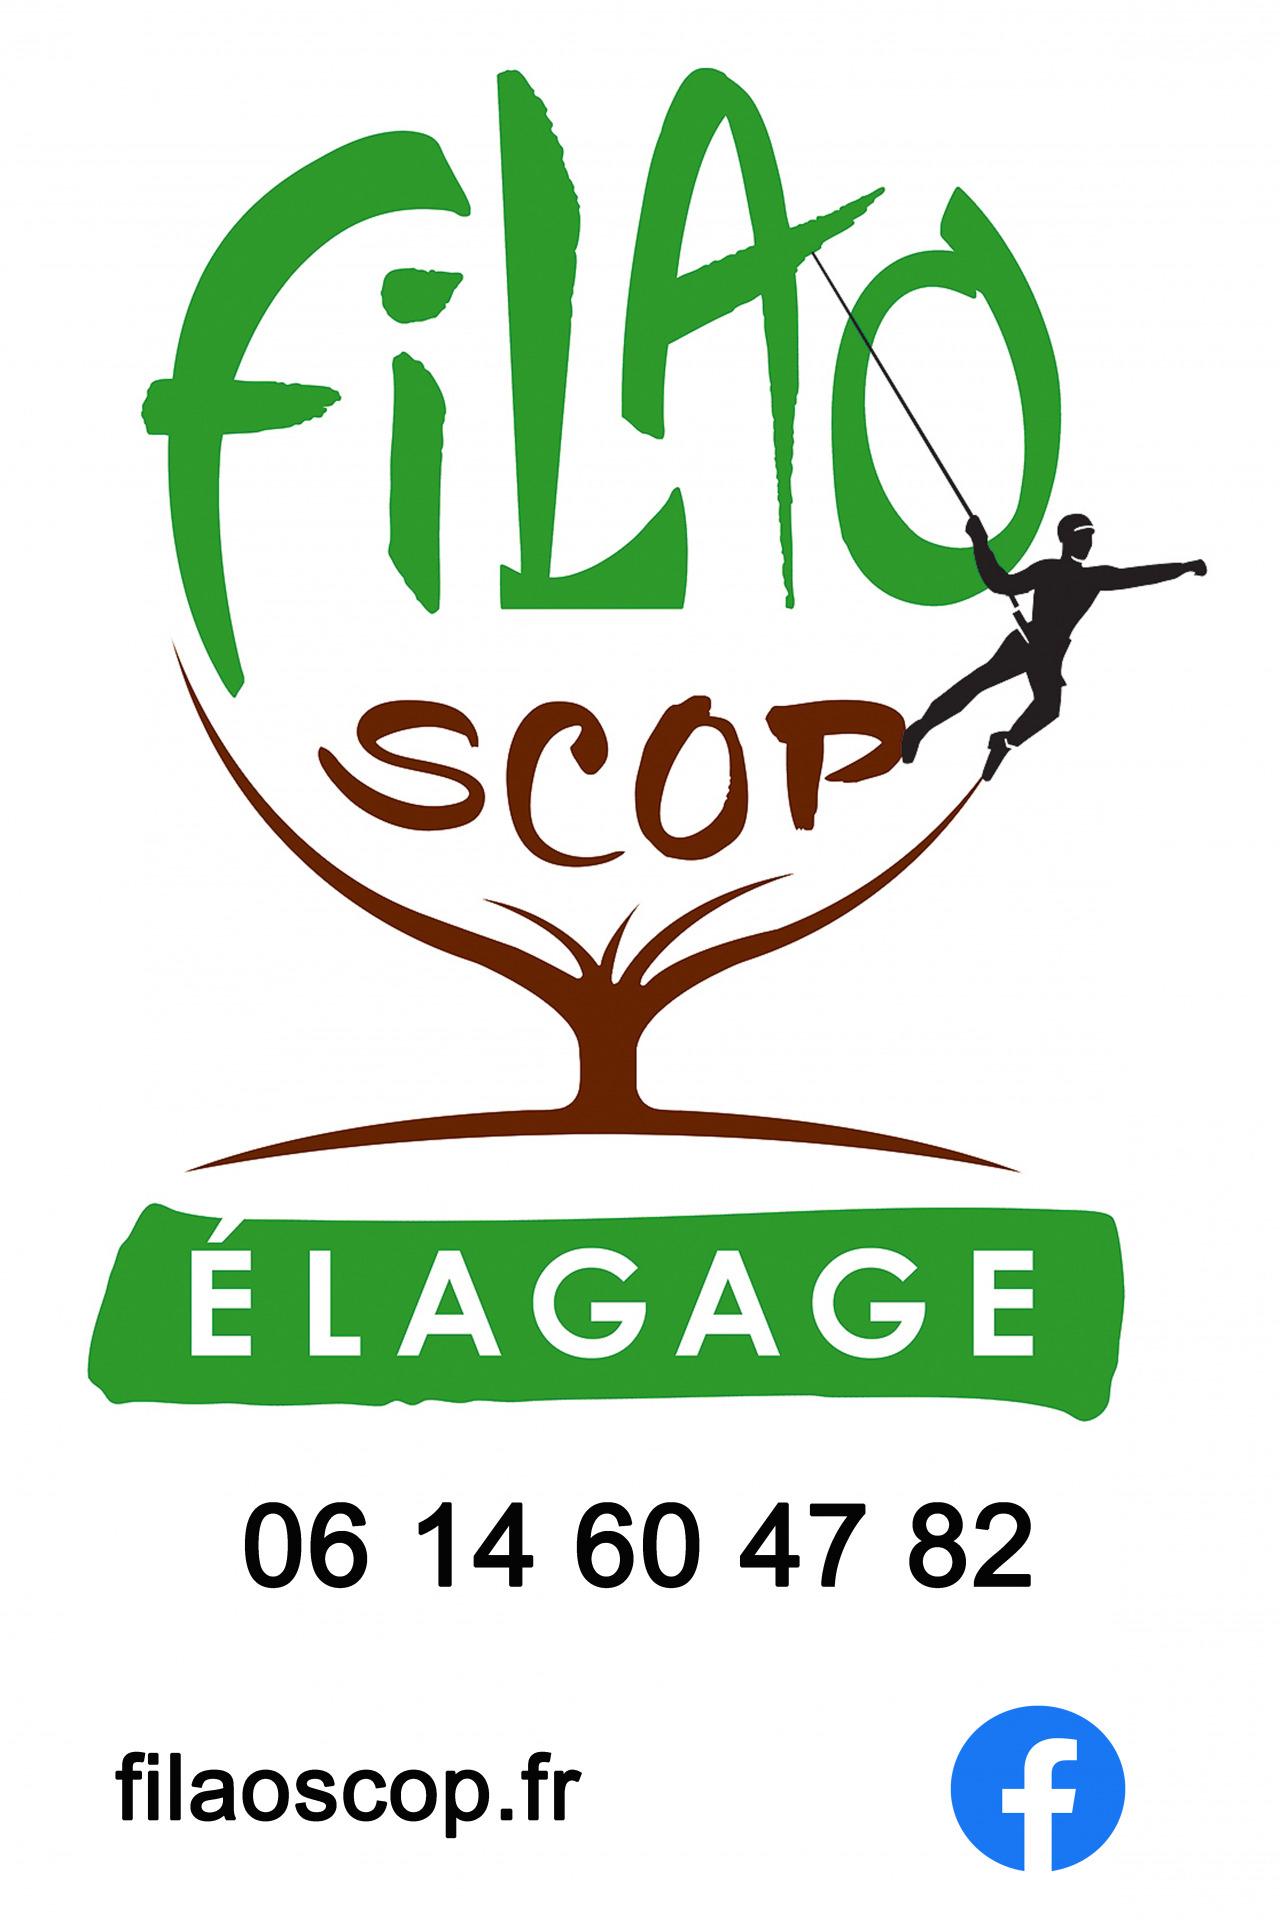 FilaoScop